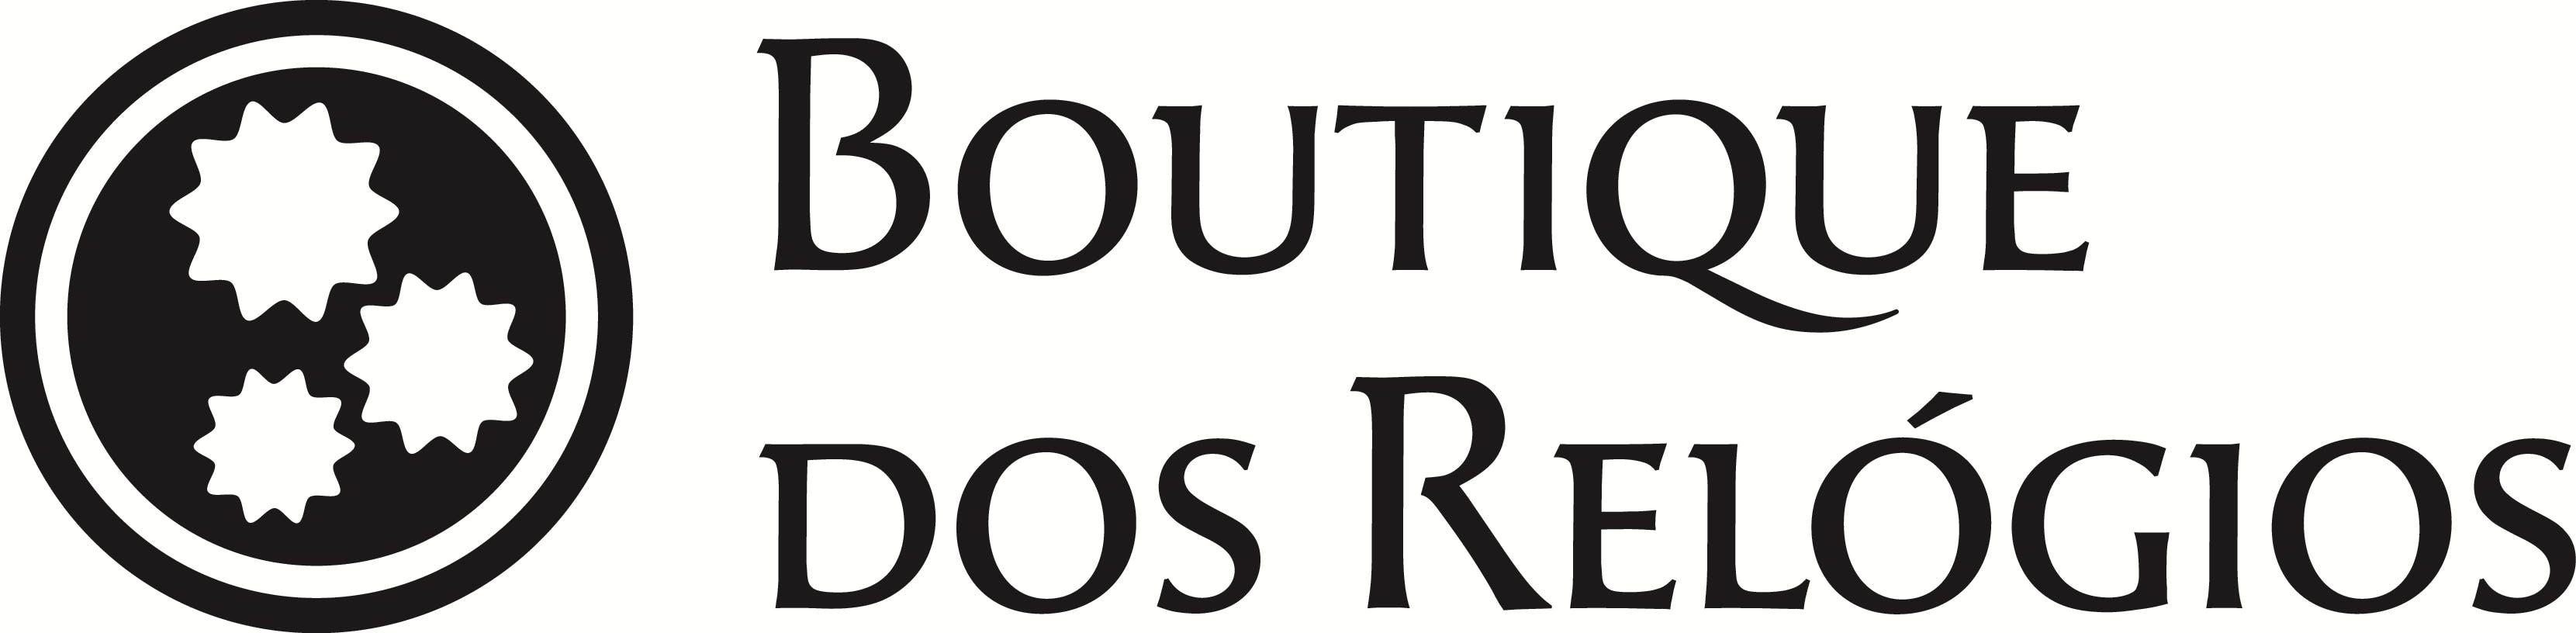 49b3c6275c3 BOUTIQUE DOS RELÓGIOS   TISSOT - Colombo